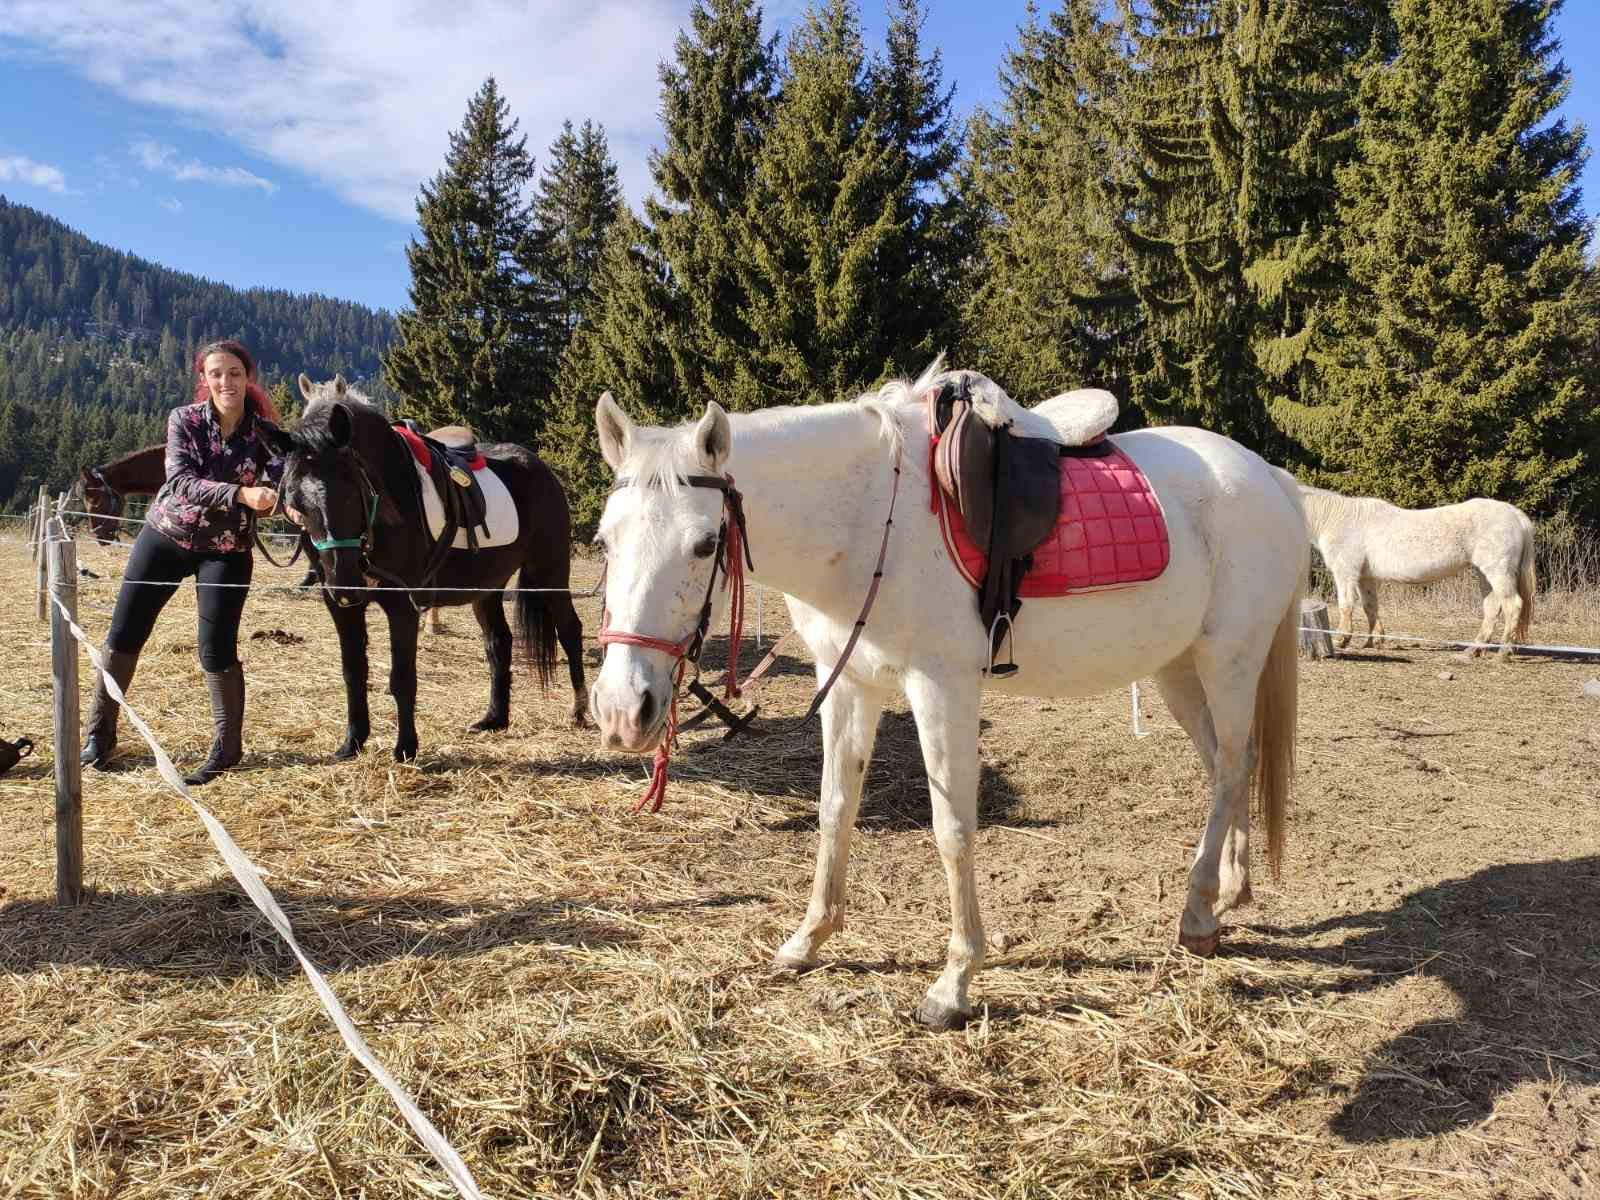 Befriend horses on this trip